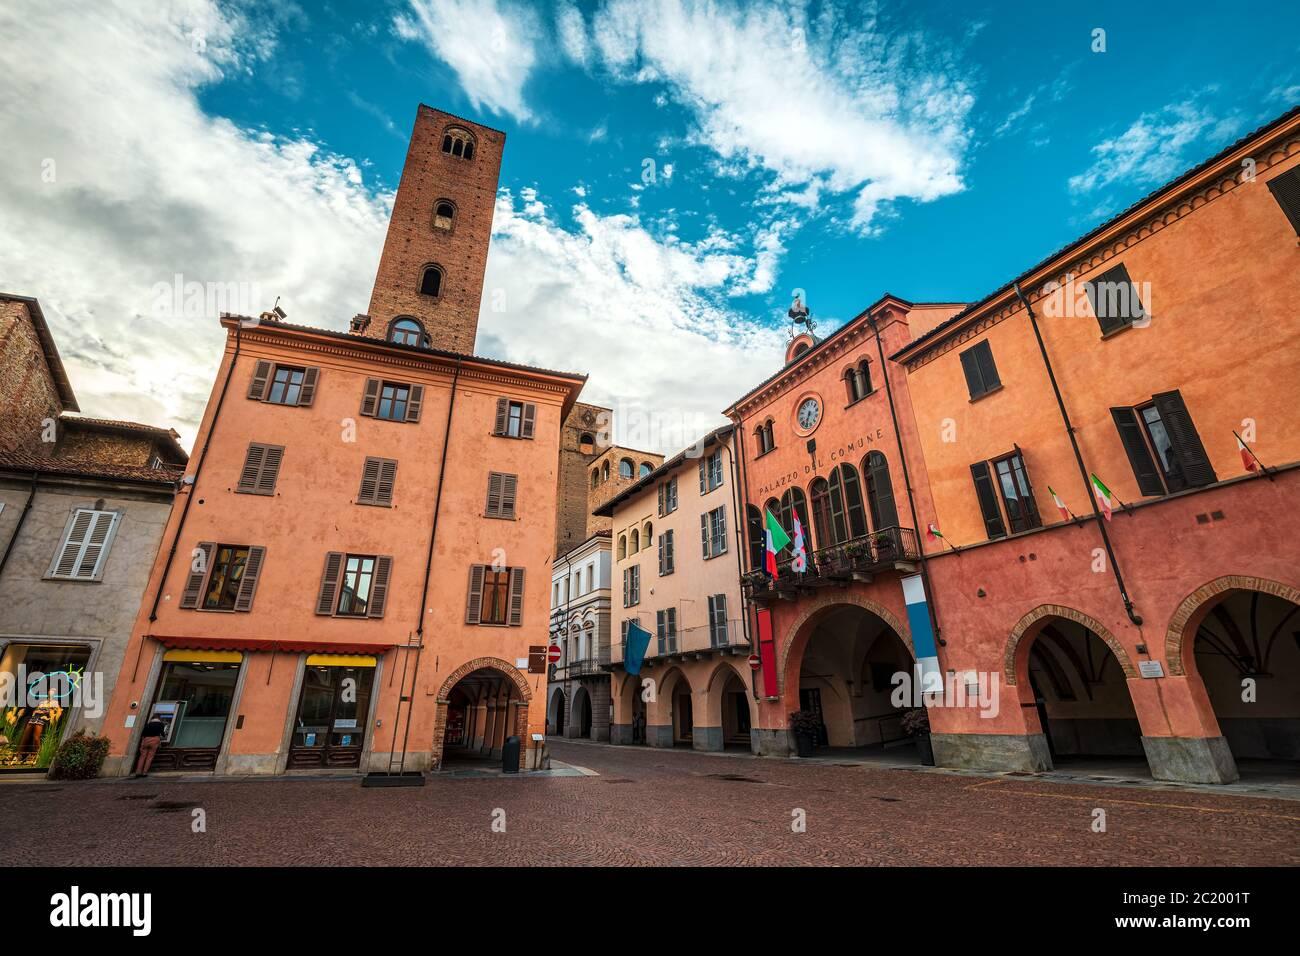 Alte bunte Häuser und mittelalterlichen Turm auf Kopfsteinpflaster Platz in der Stadt Alba, Piemont, Norditalien. Stockfoto